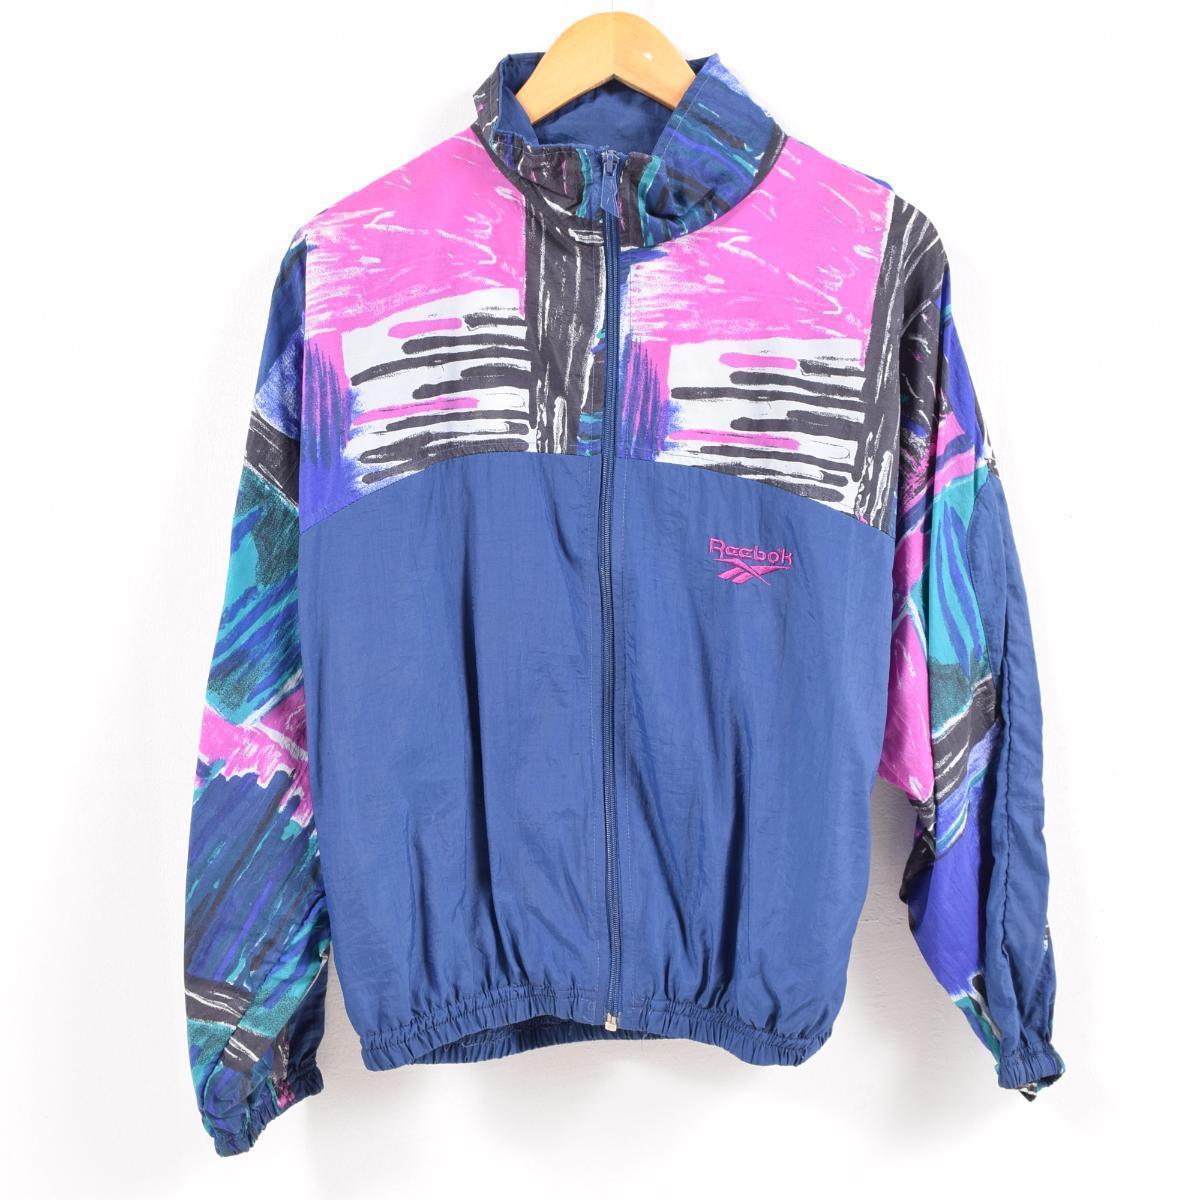 a4f63d492b06e 90s Reebok Reebok nylon jacket men M /wbc0856